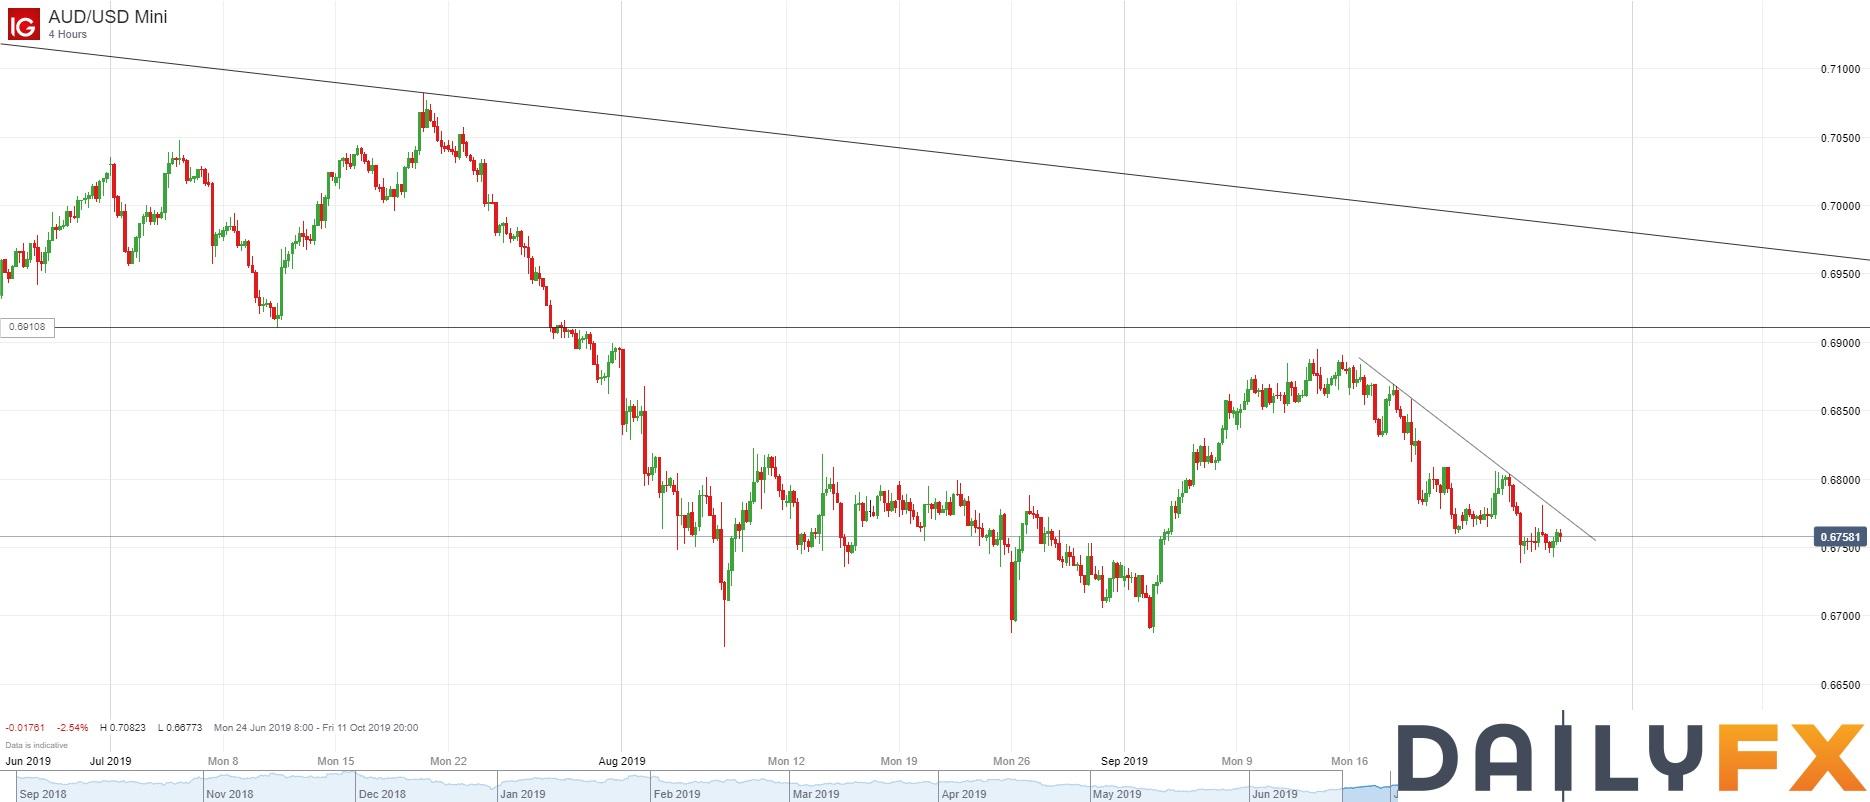 澳元/美元技术分析:进一步将空头止损下调至0.6787